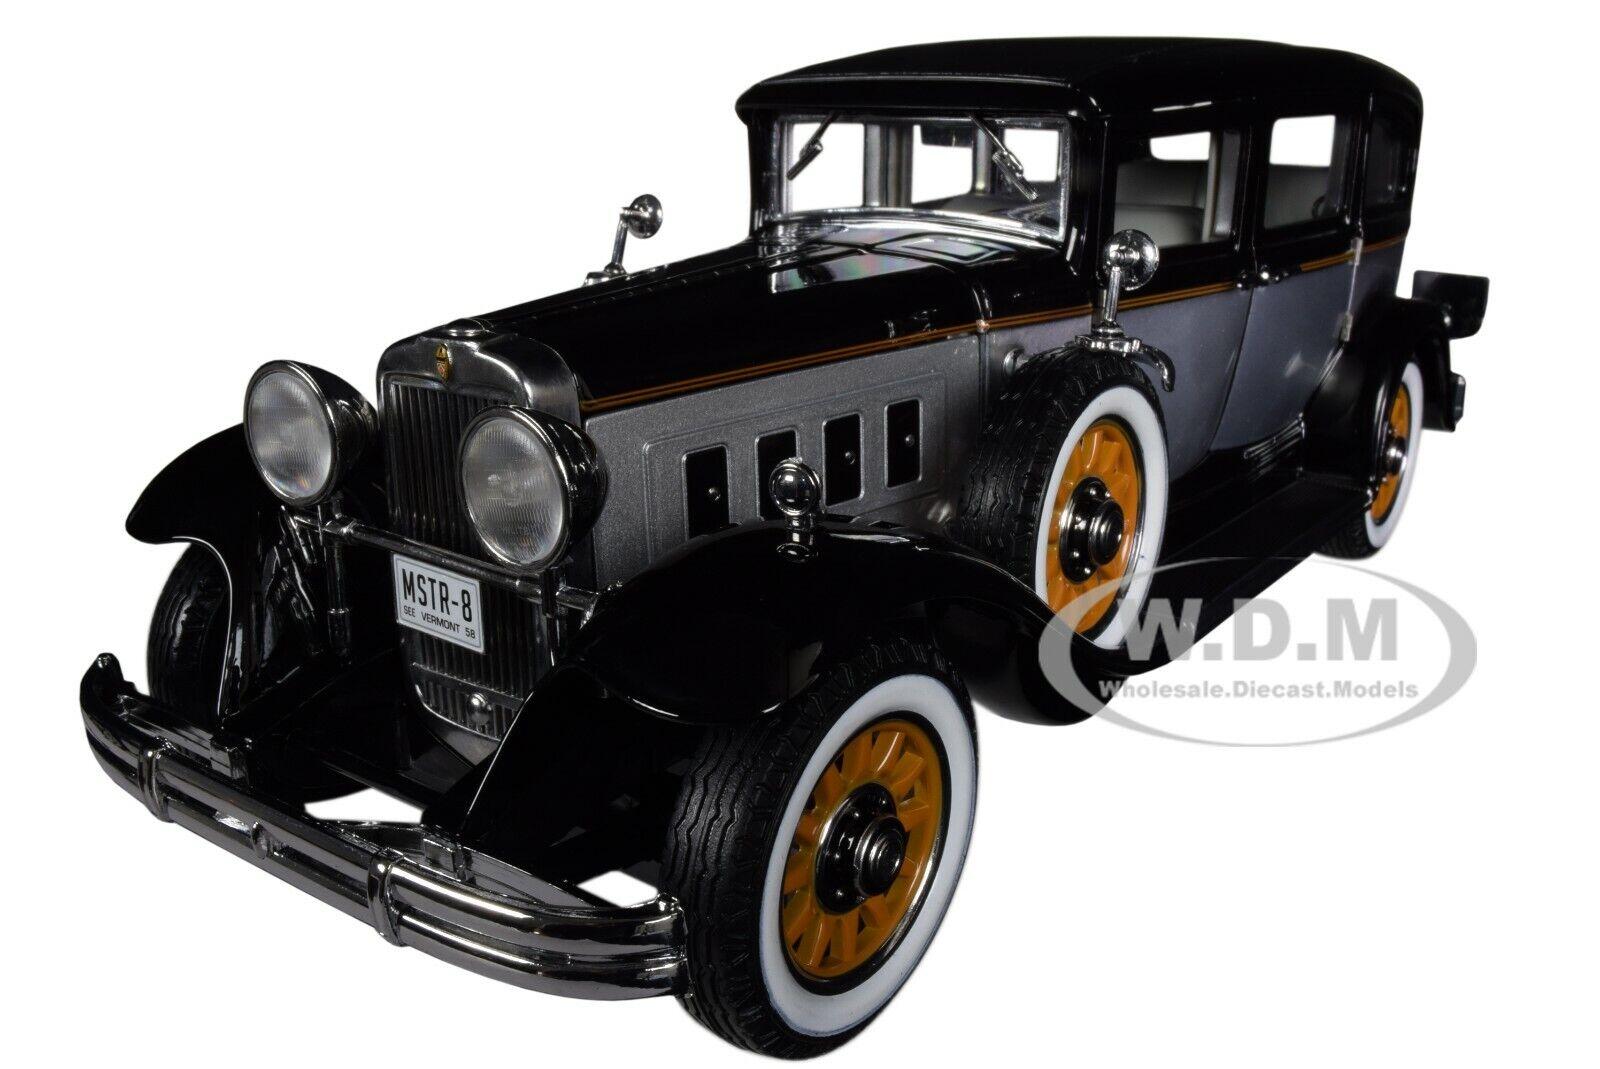 1931 Peerless Master 8 berline noir & argent 1 18 Diecast voiture par autoworld AW252